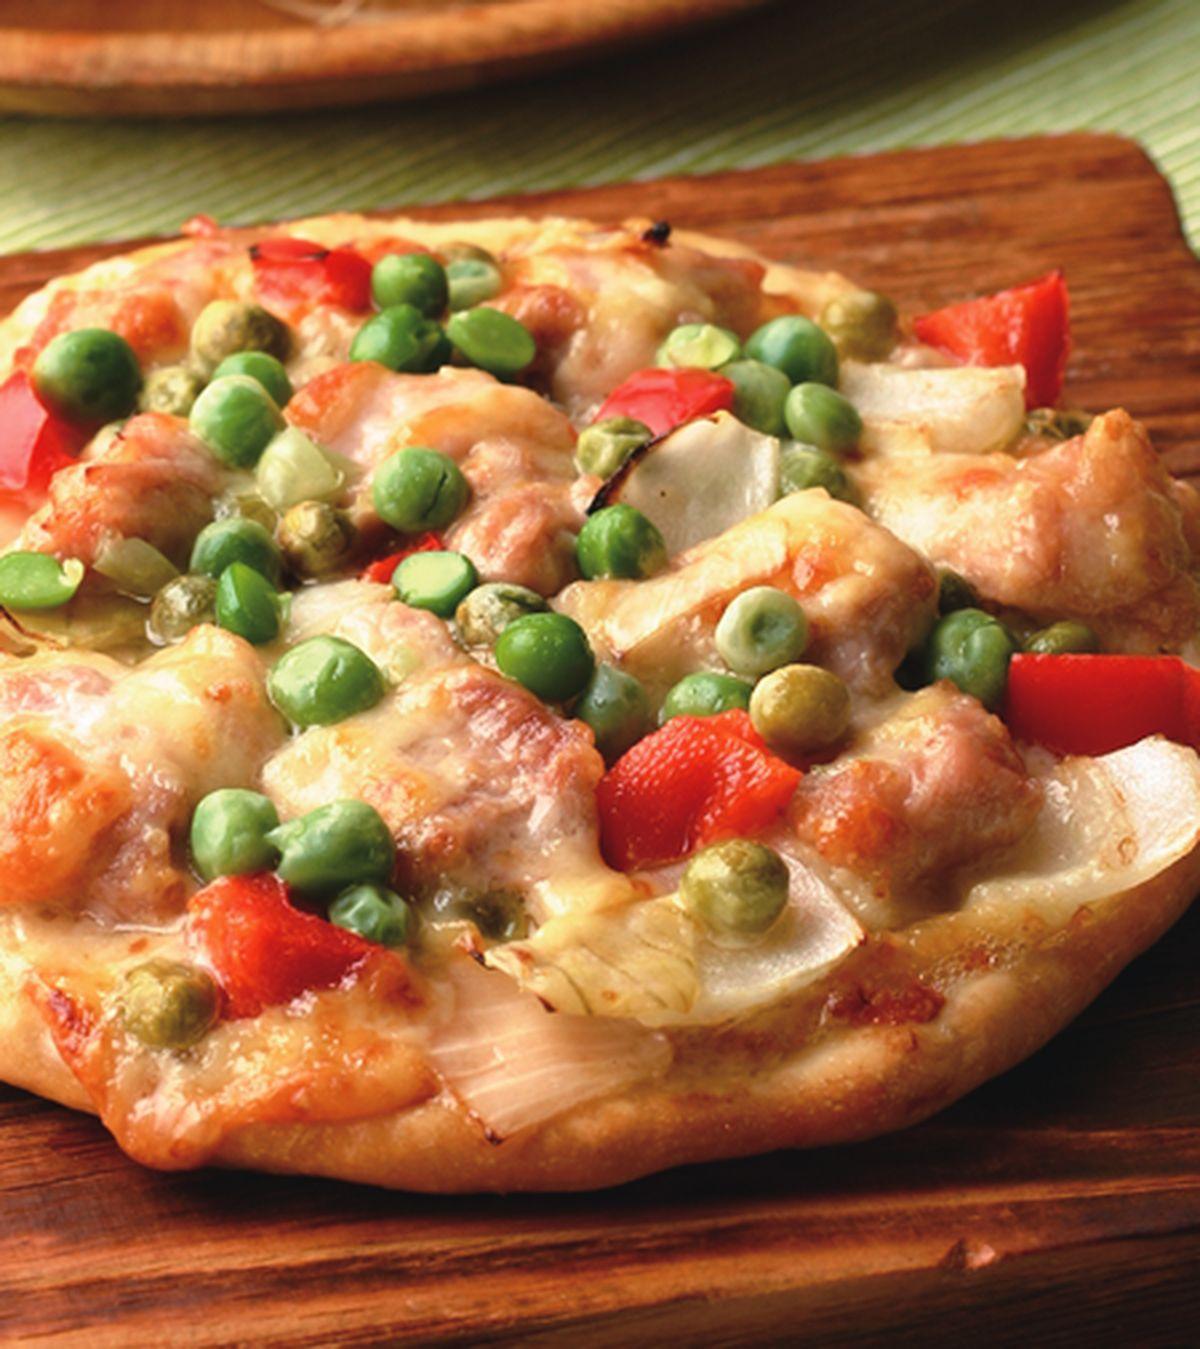 食譜:奶油雞肉薄片披薩披薩